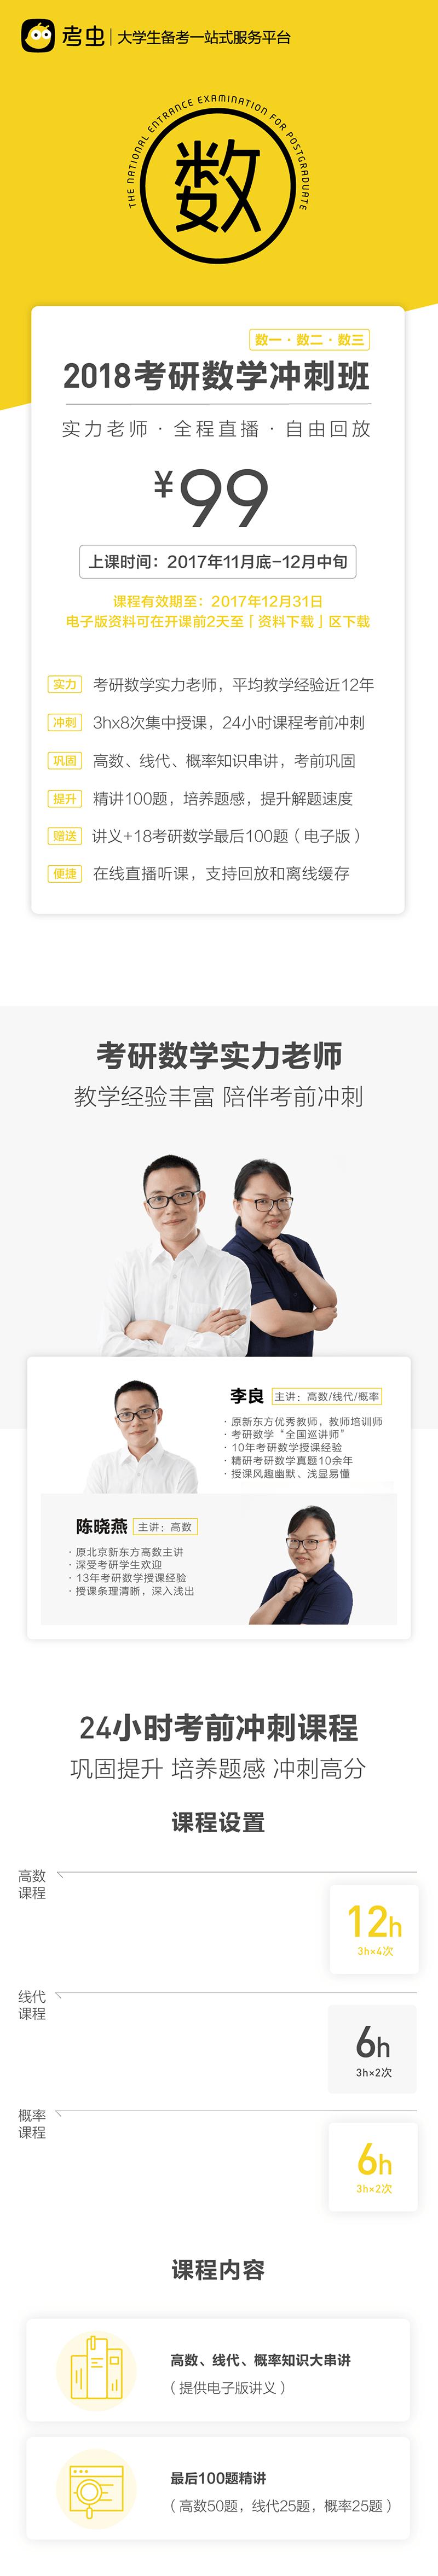 2017-10 18考研数学冲刺班-01.png